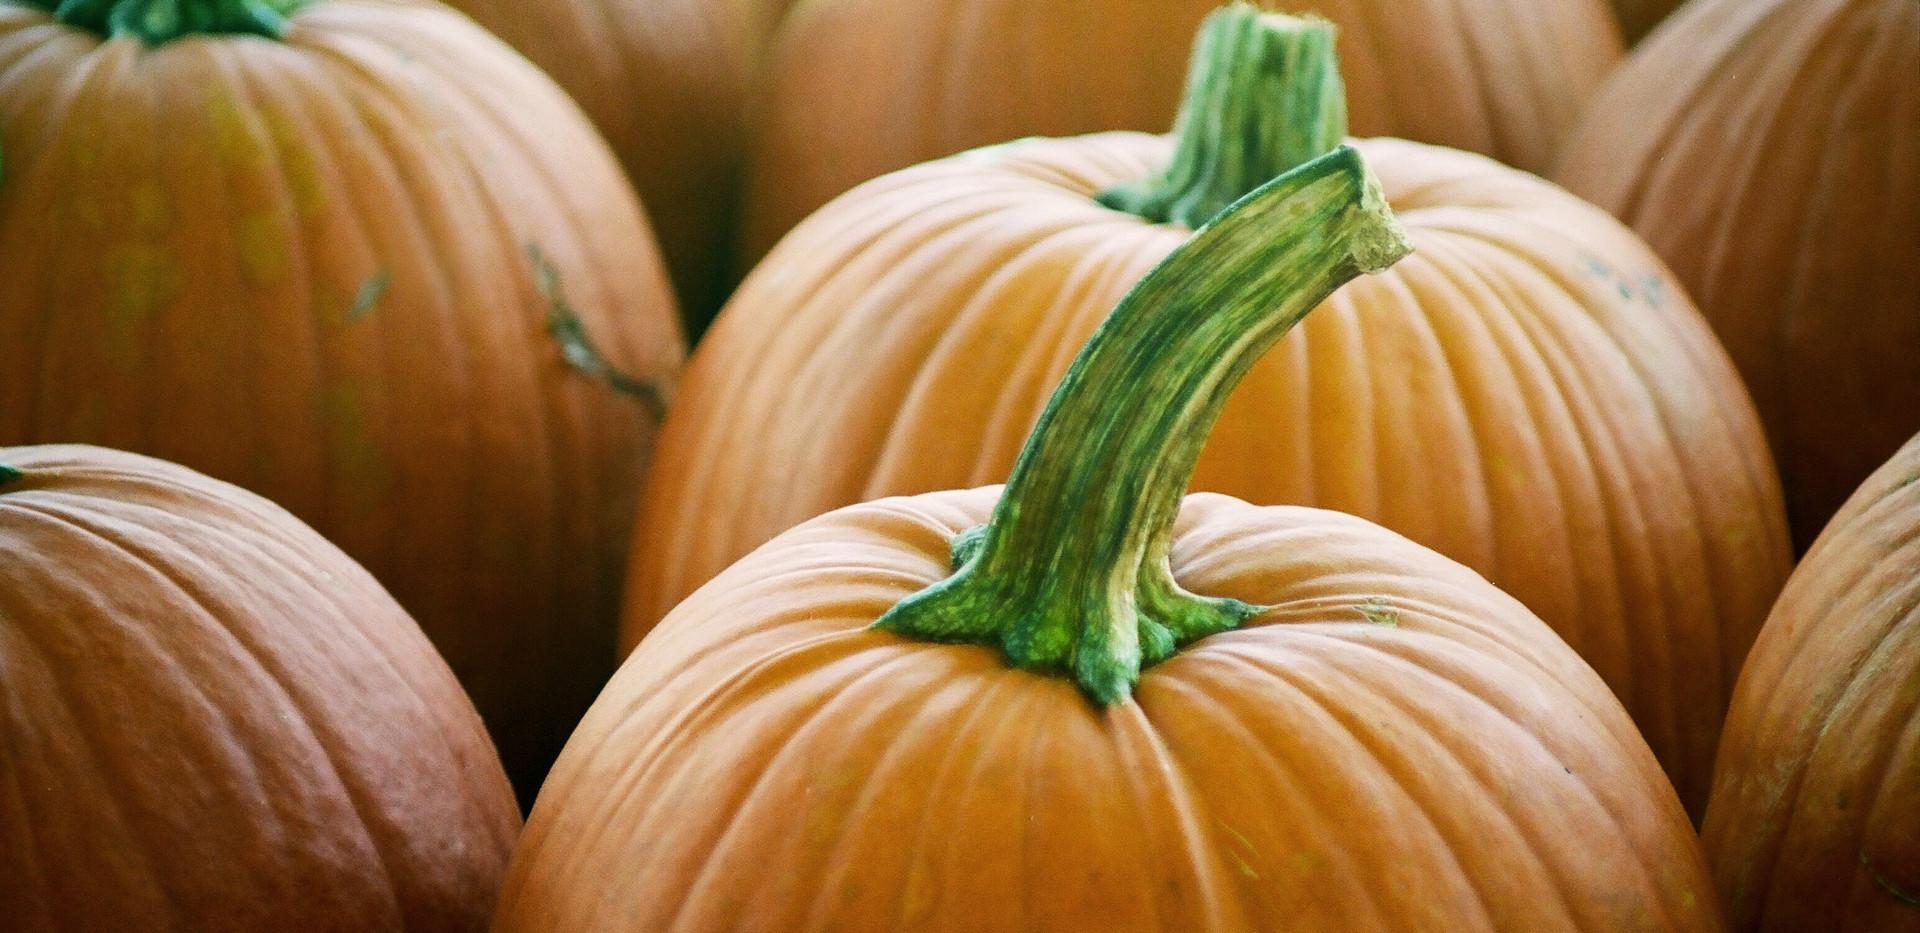 Pumpkins A-Plenty